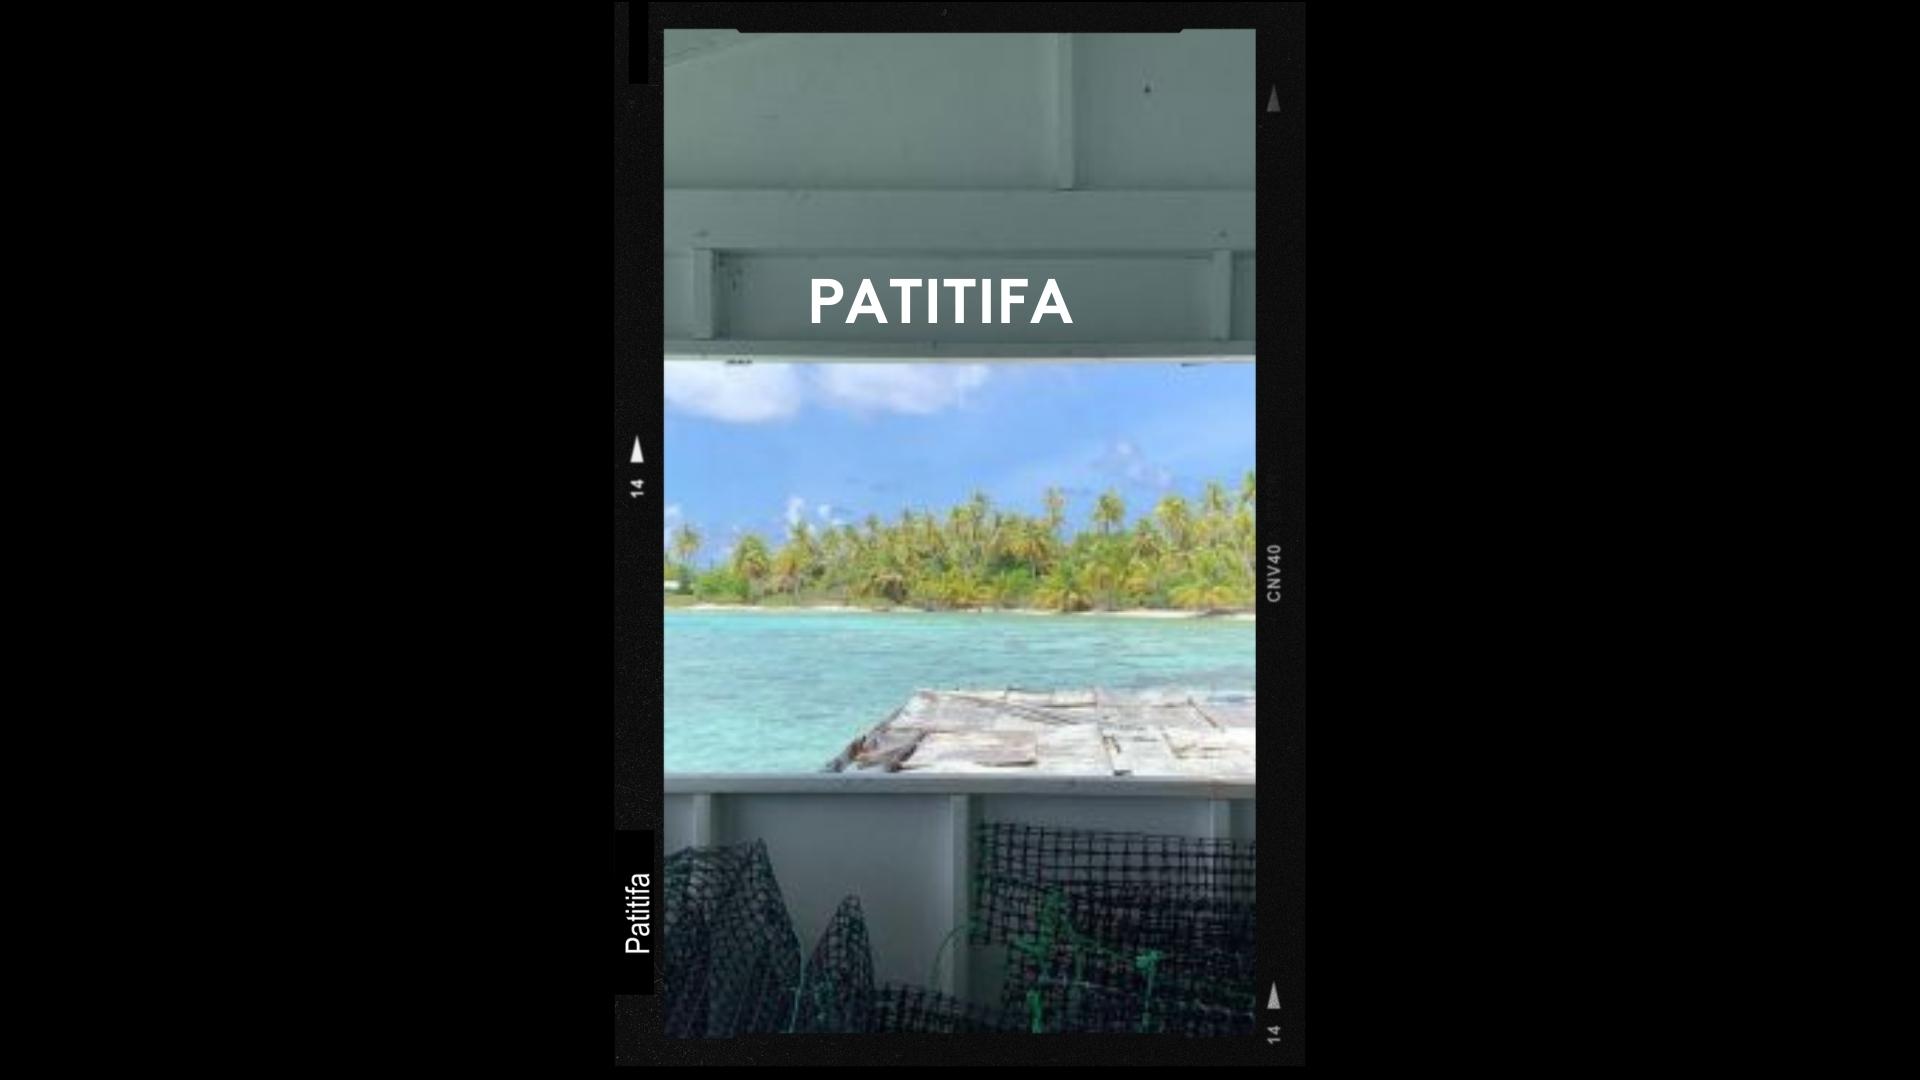 Patitifa